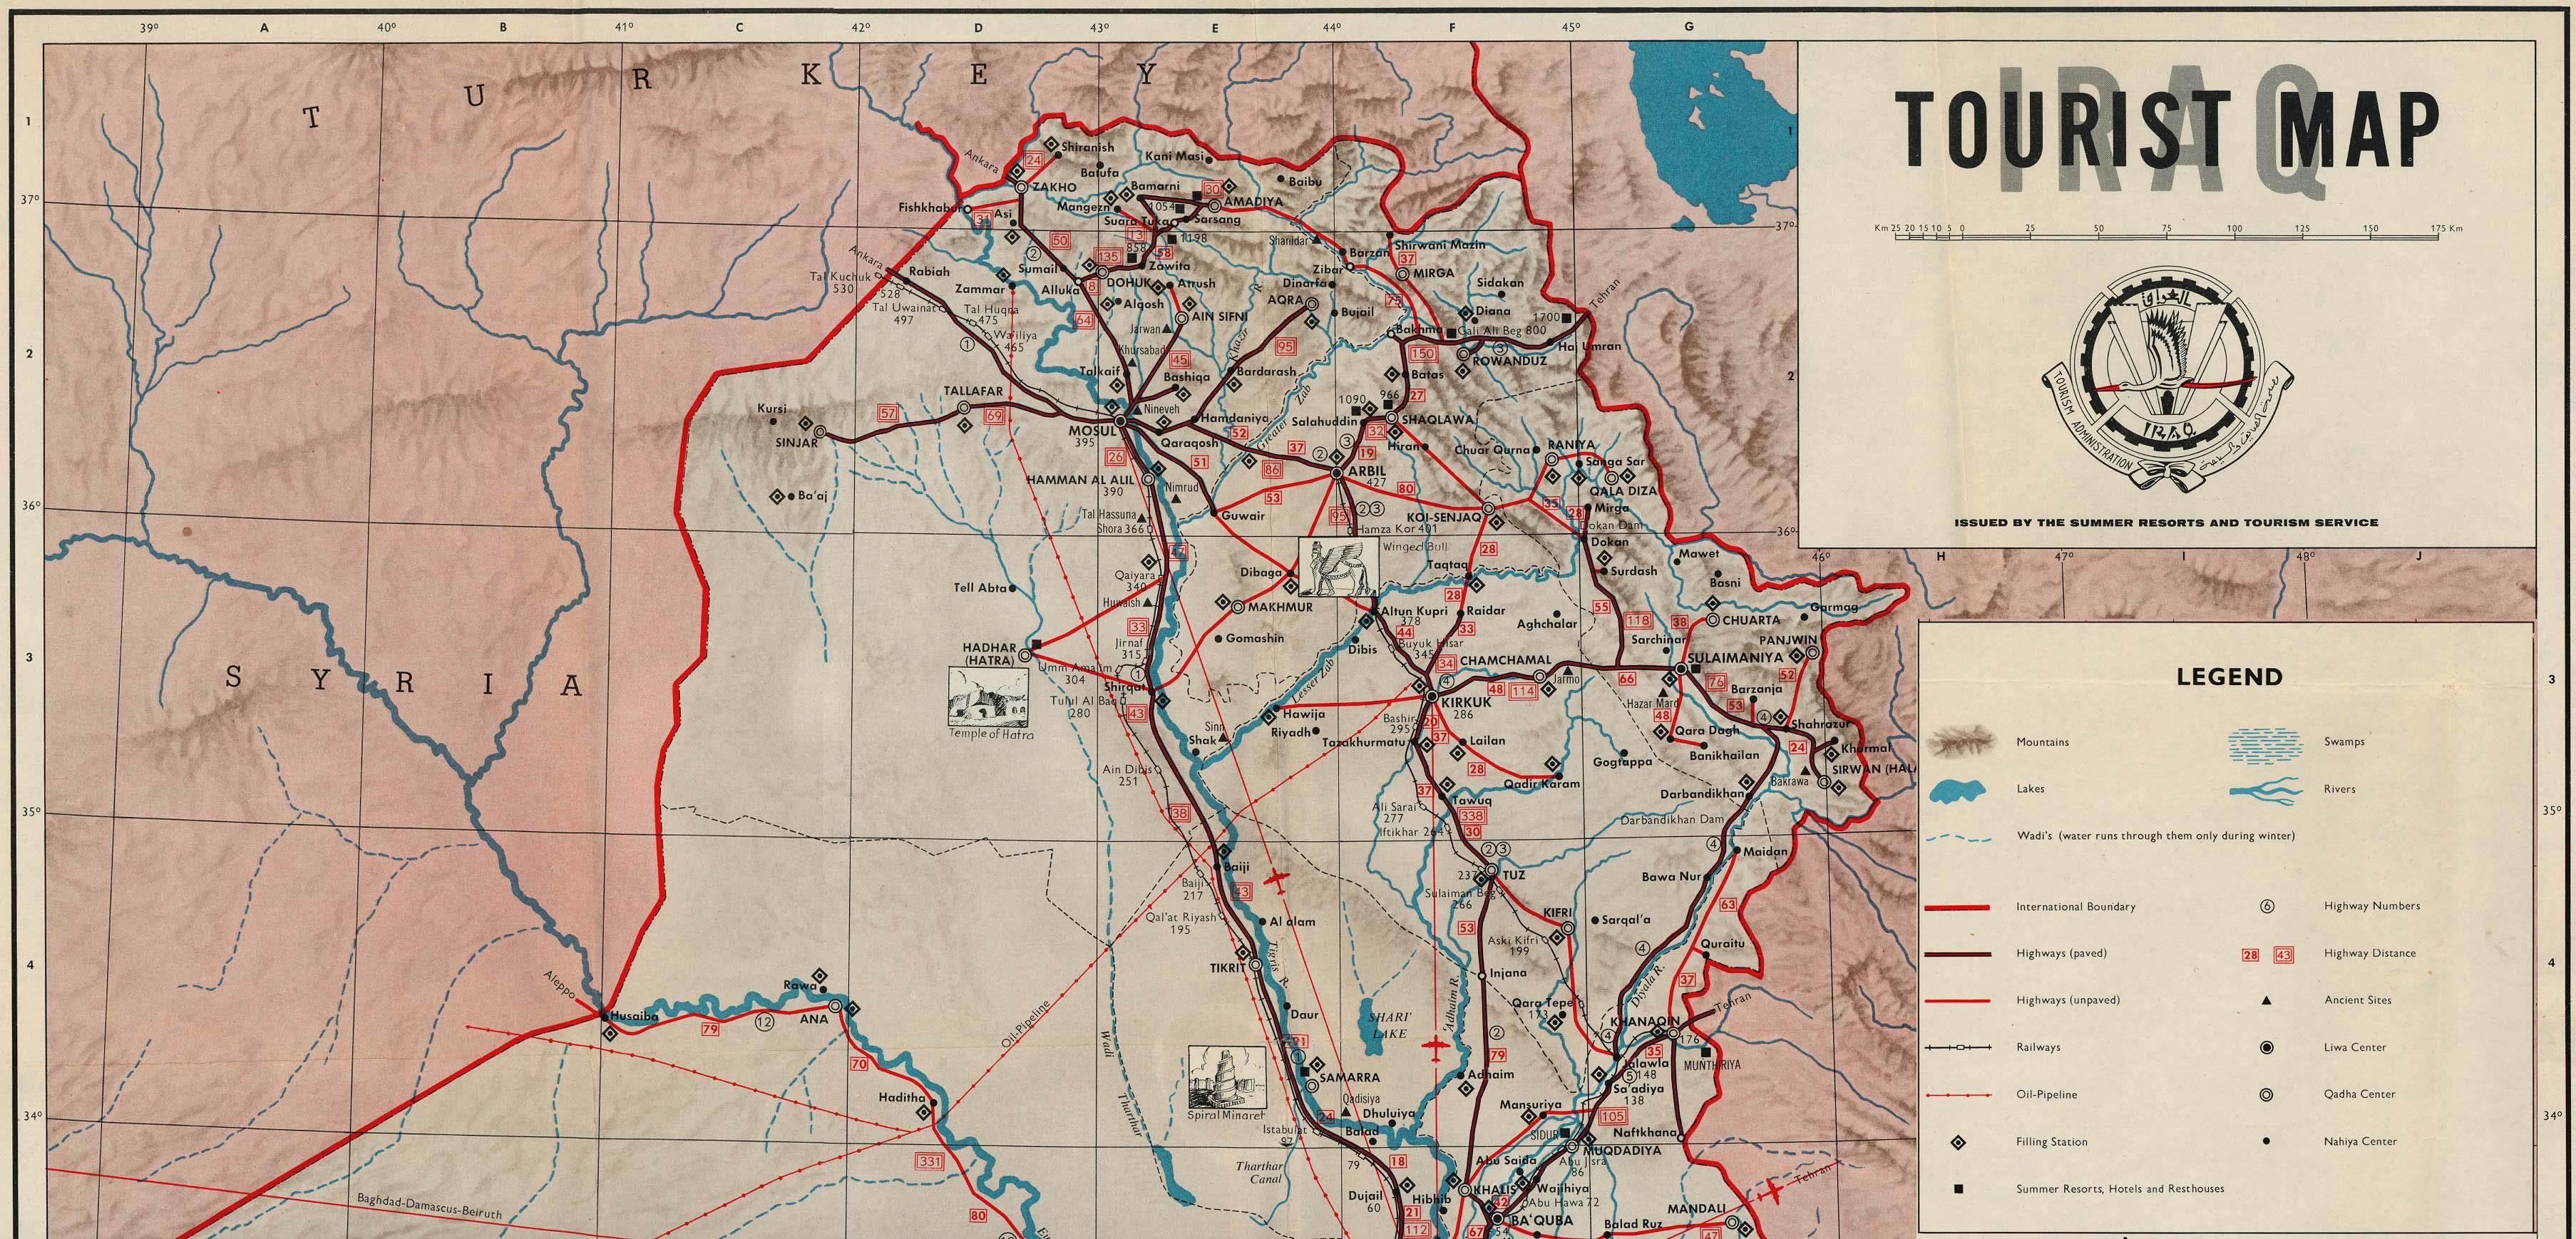 Mapa Turístico del norte de Irak 1970